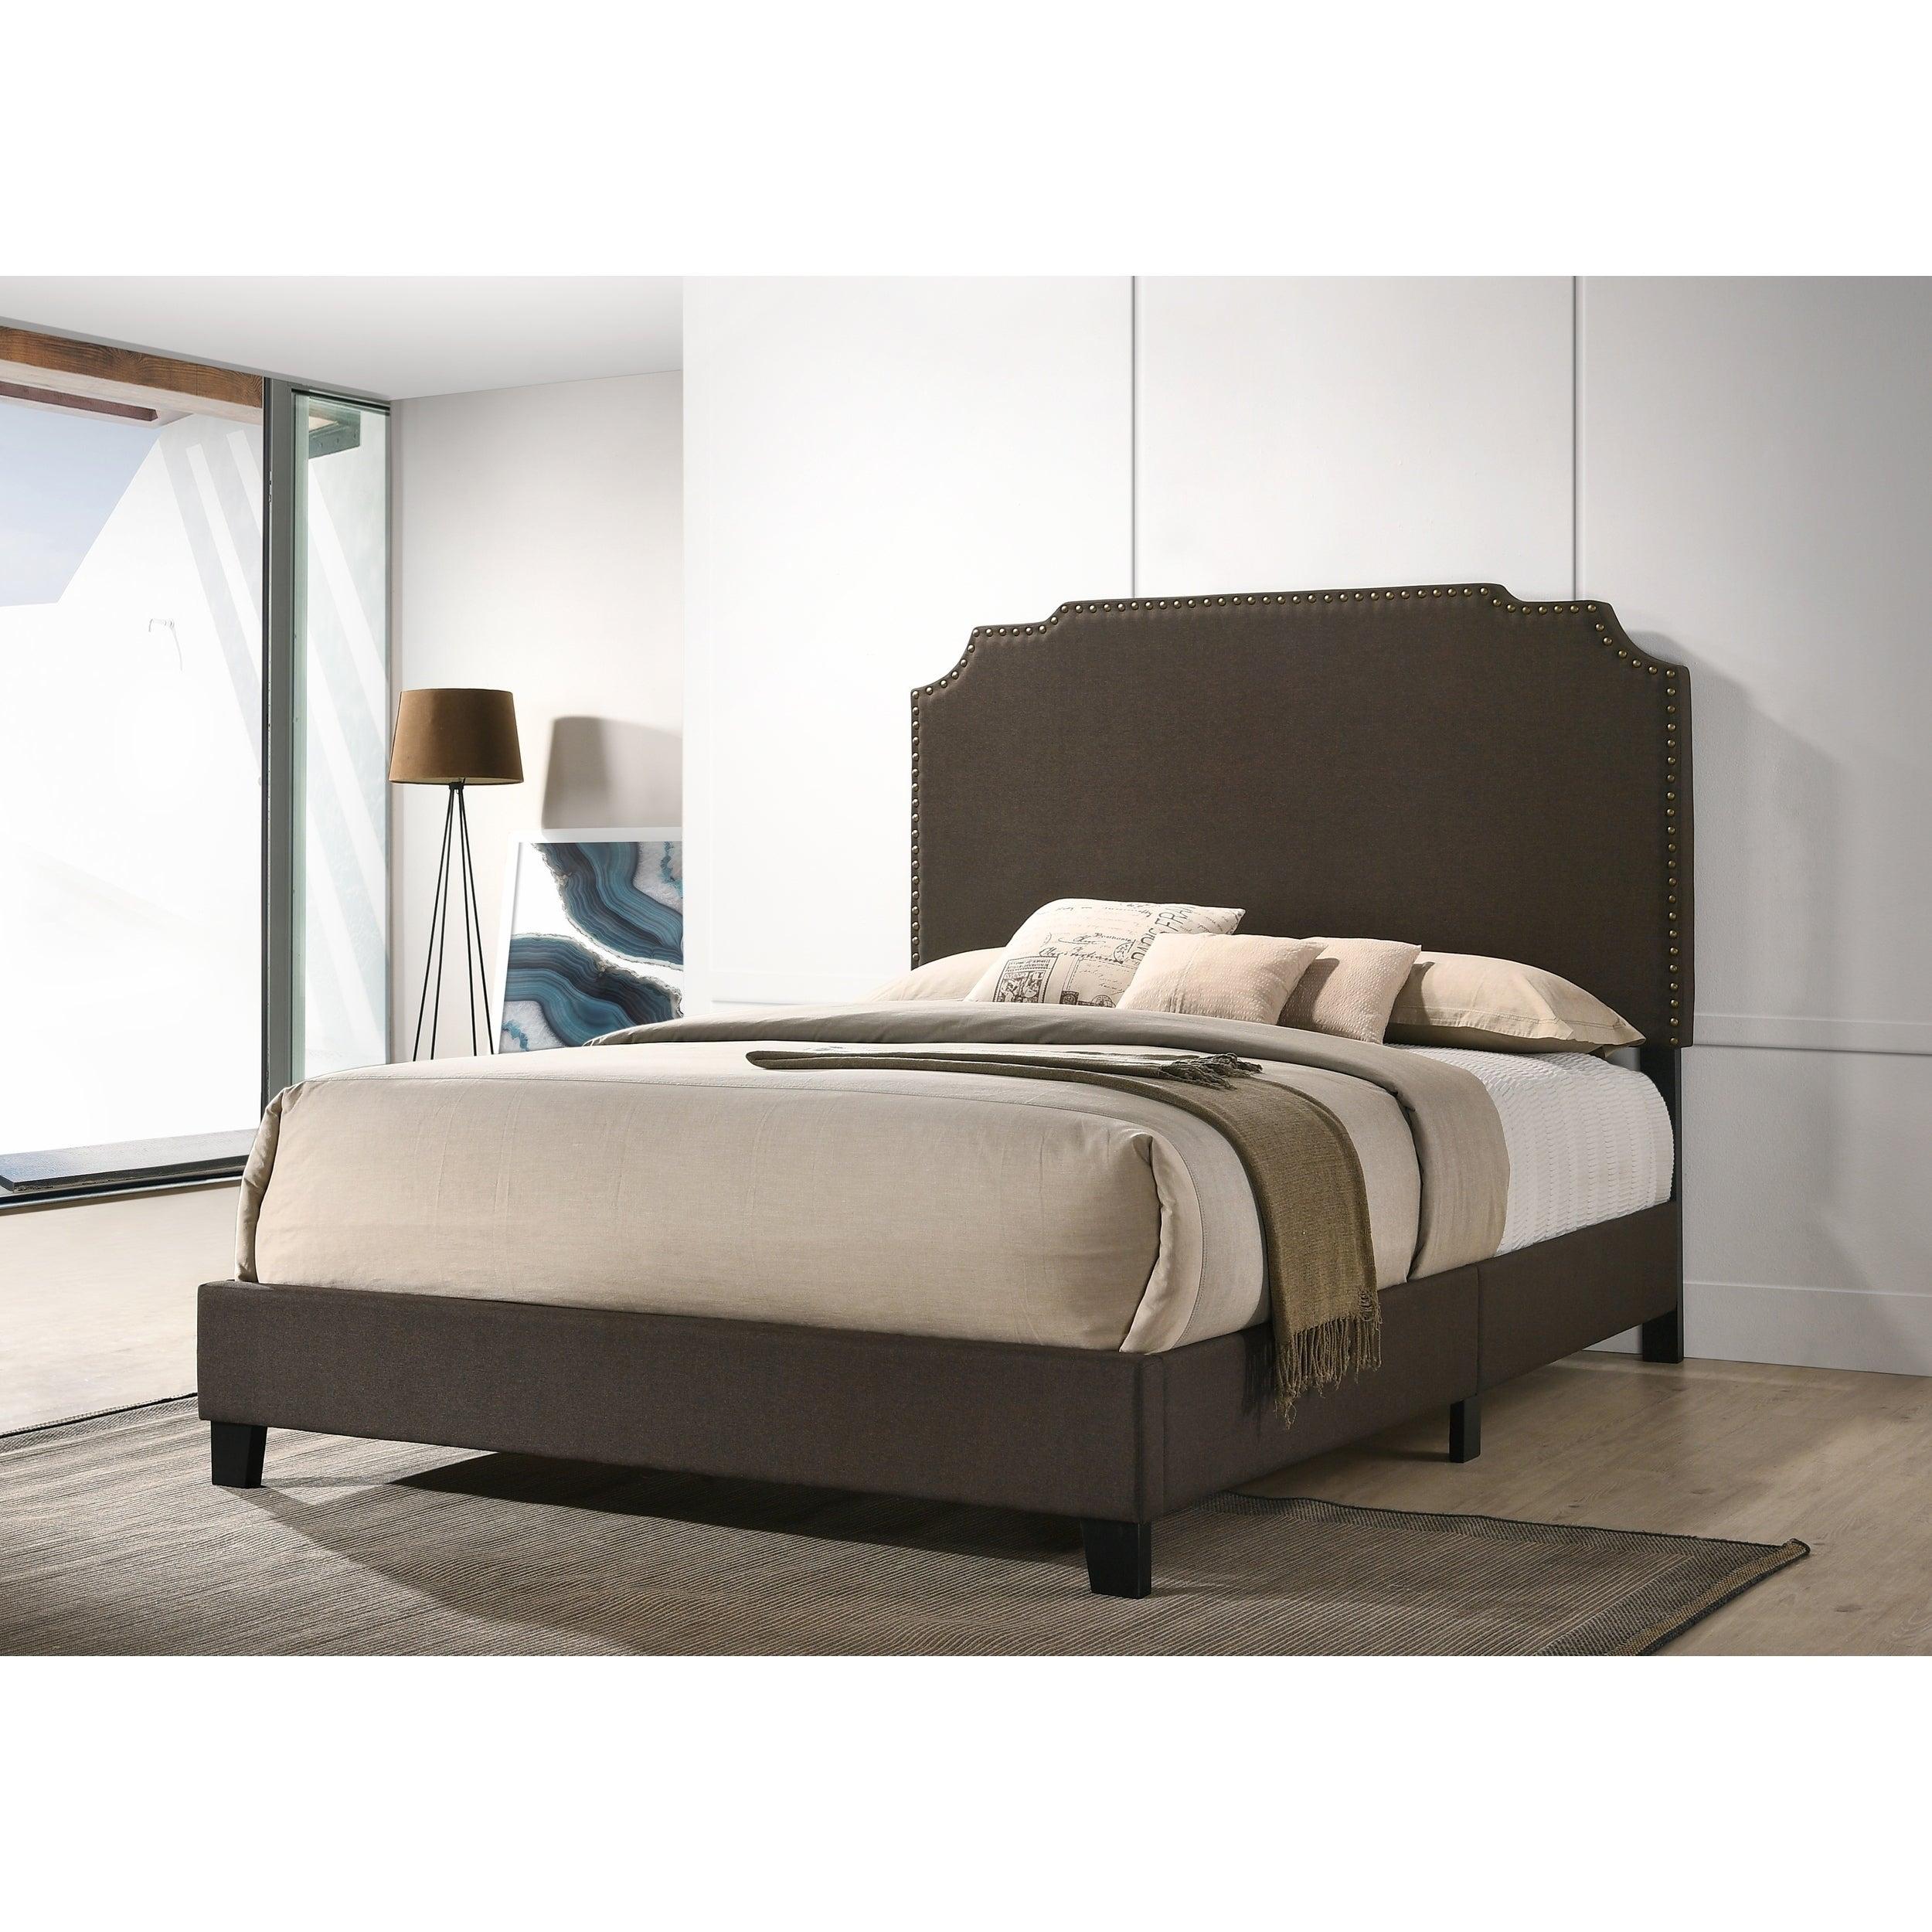 Lexi Beluga King Upholstered Platform Bed On Sale Overstock 27088511